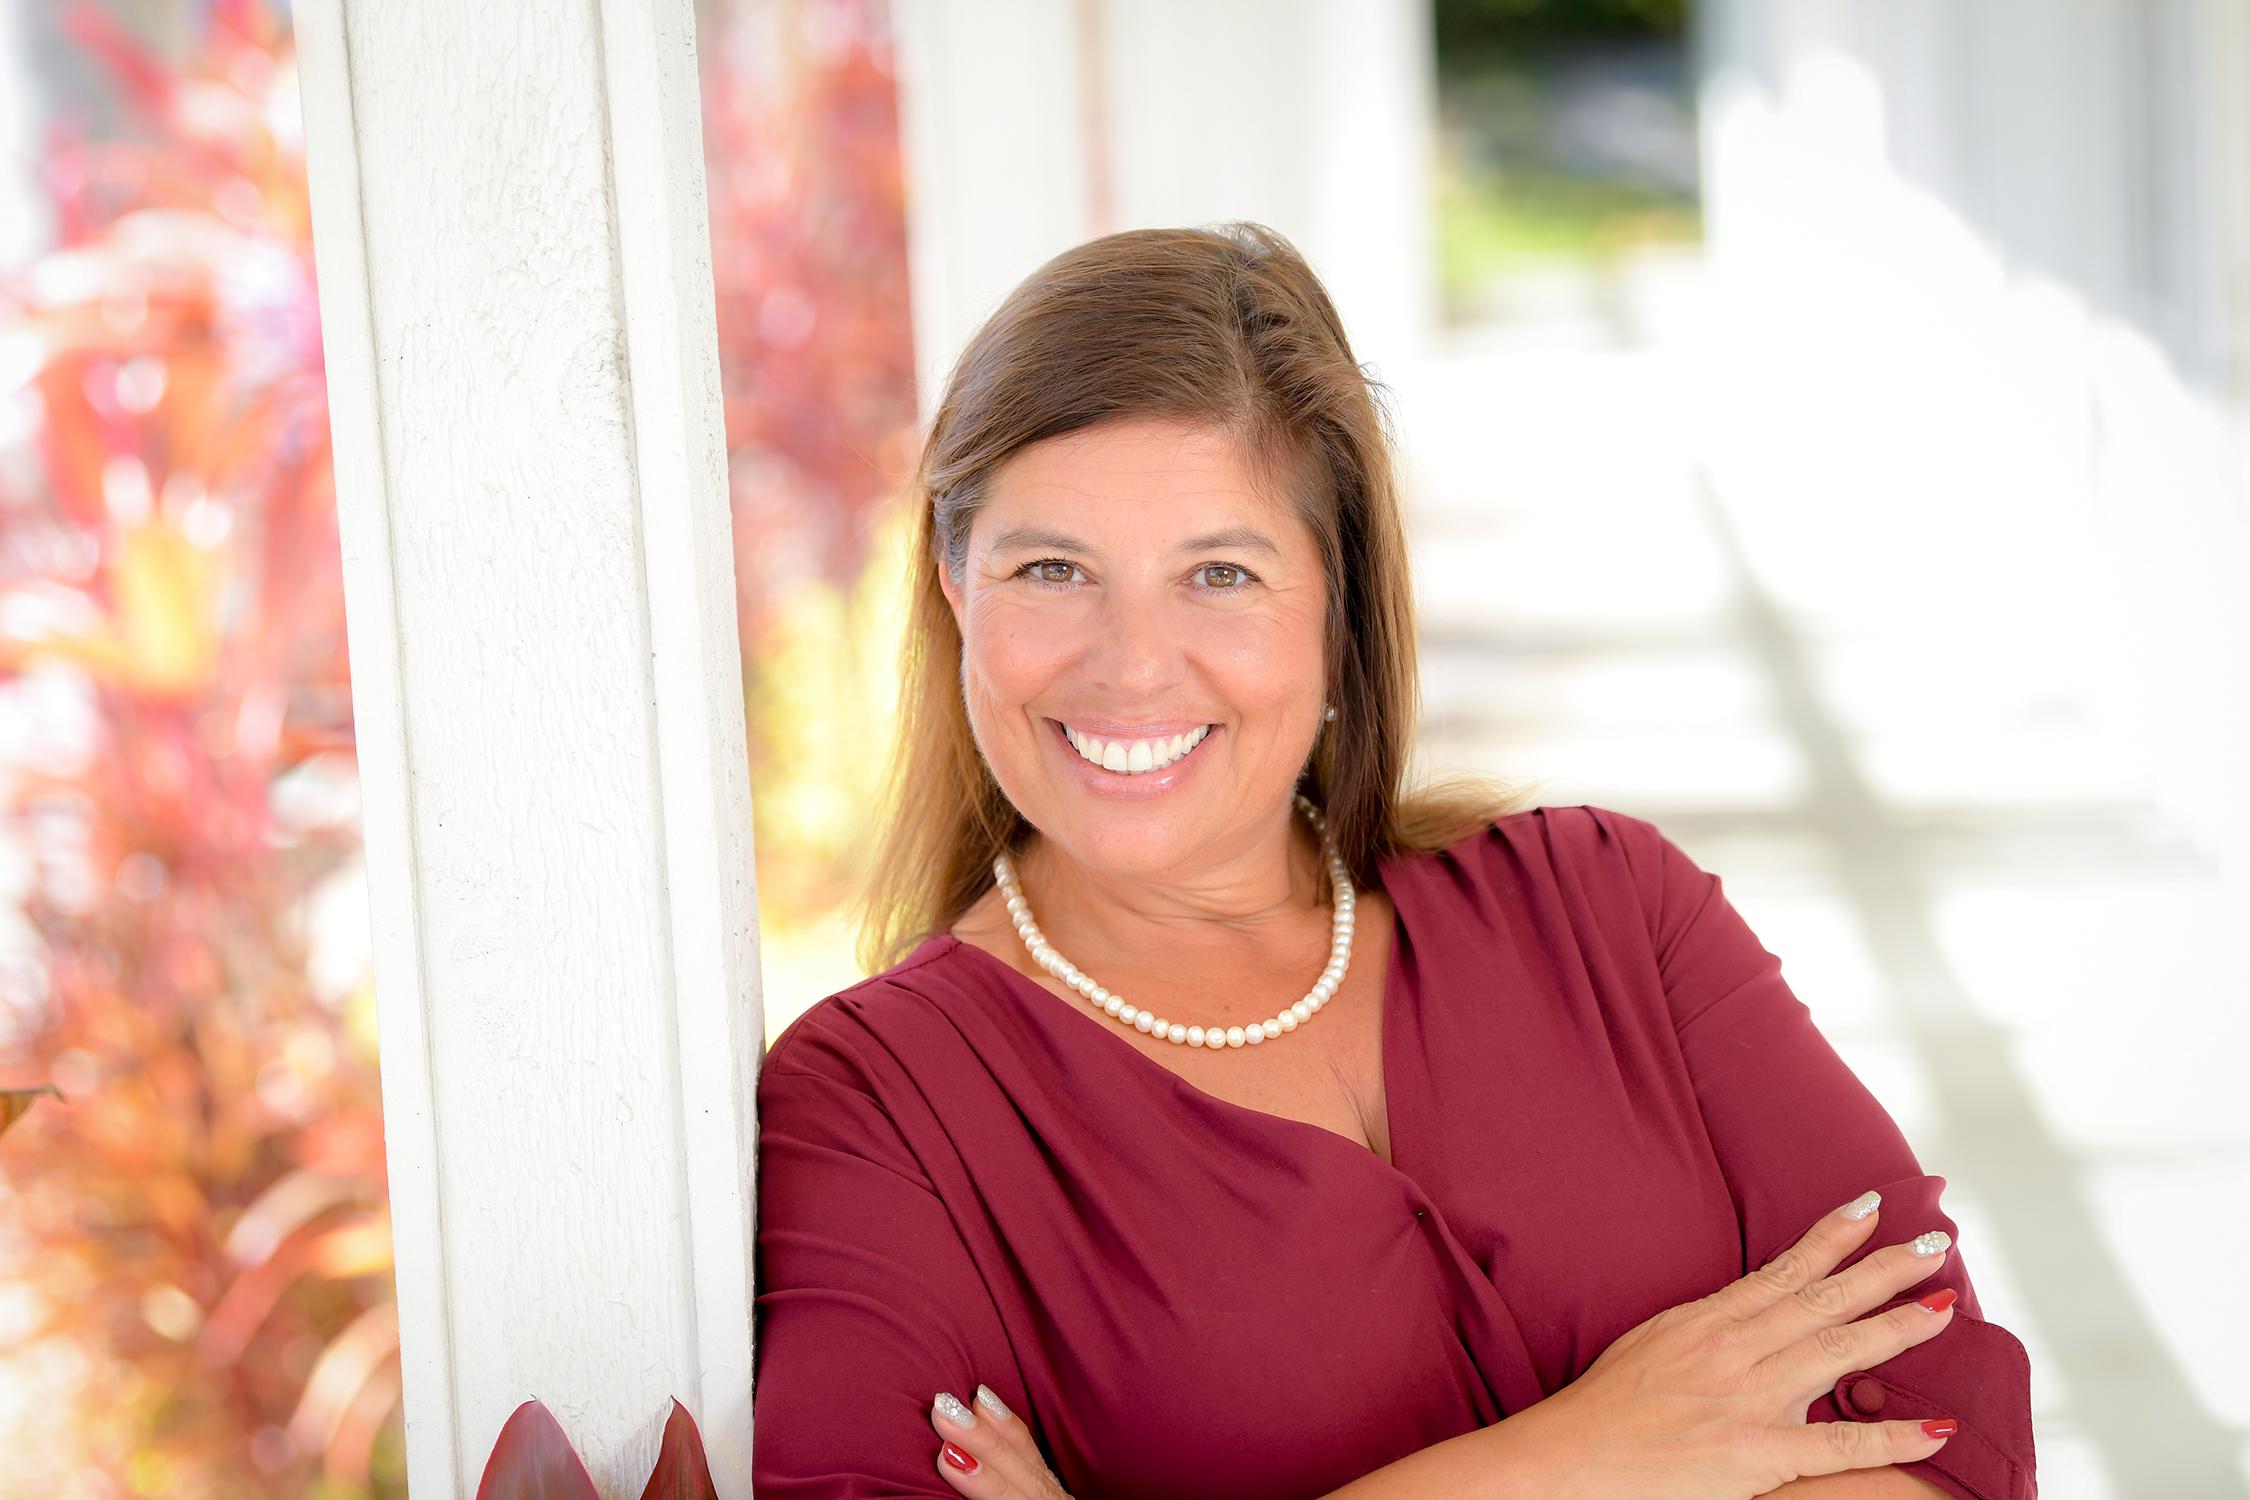 Erica V. Ogilvie